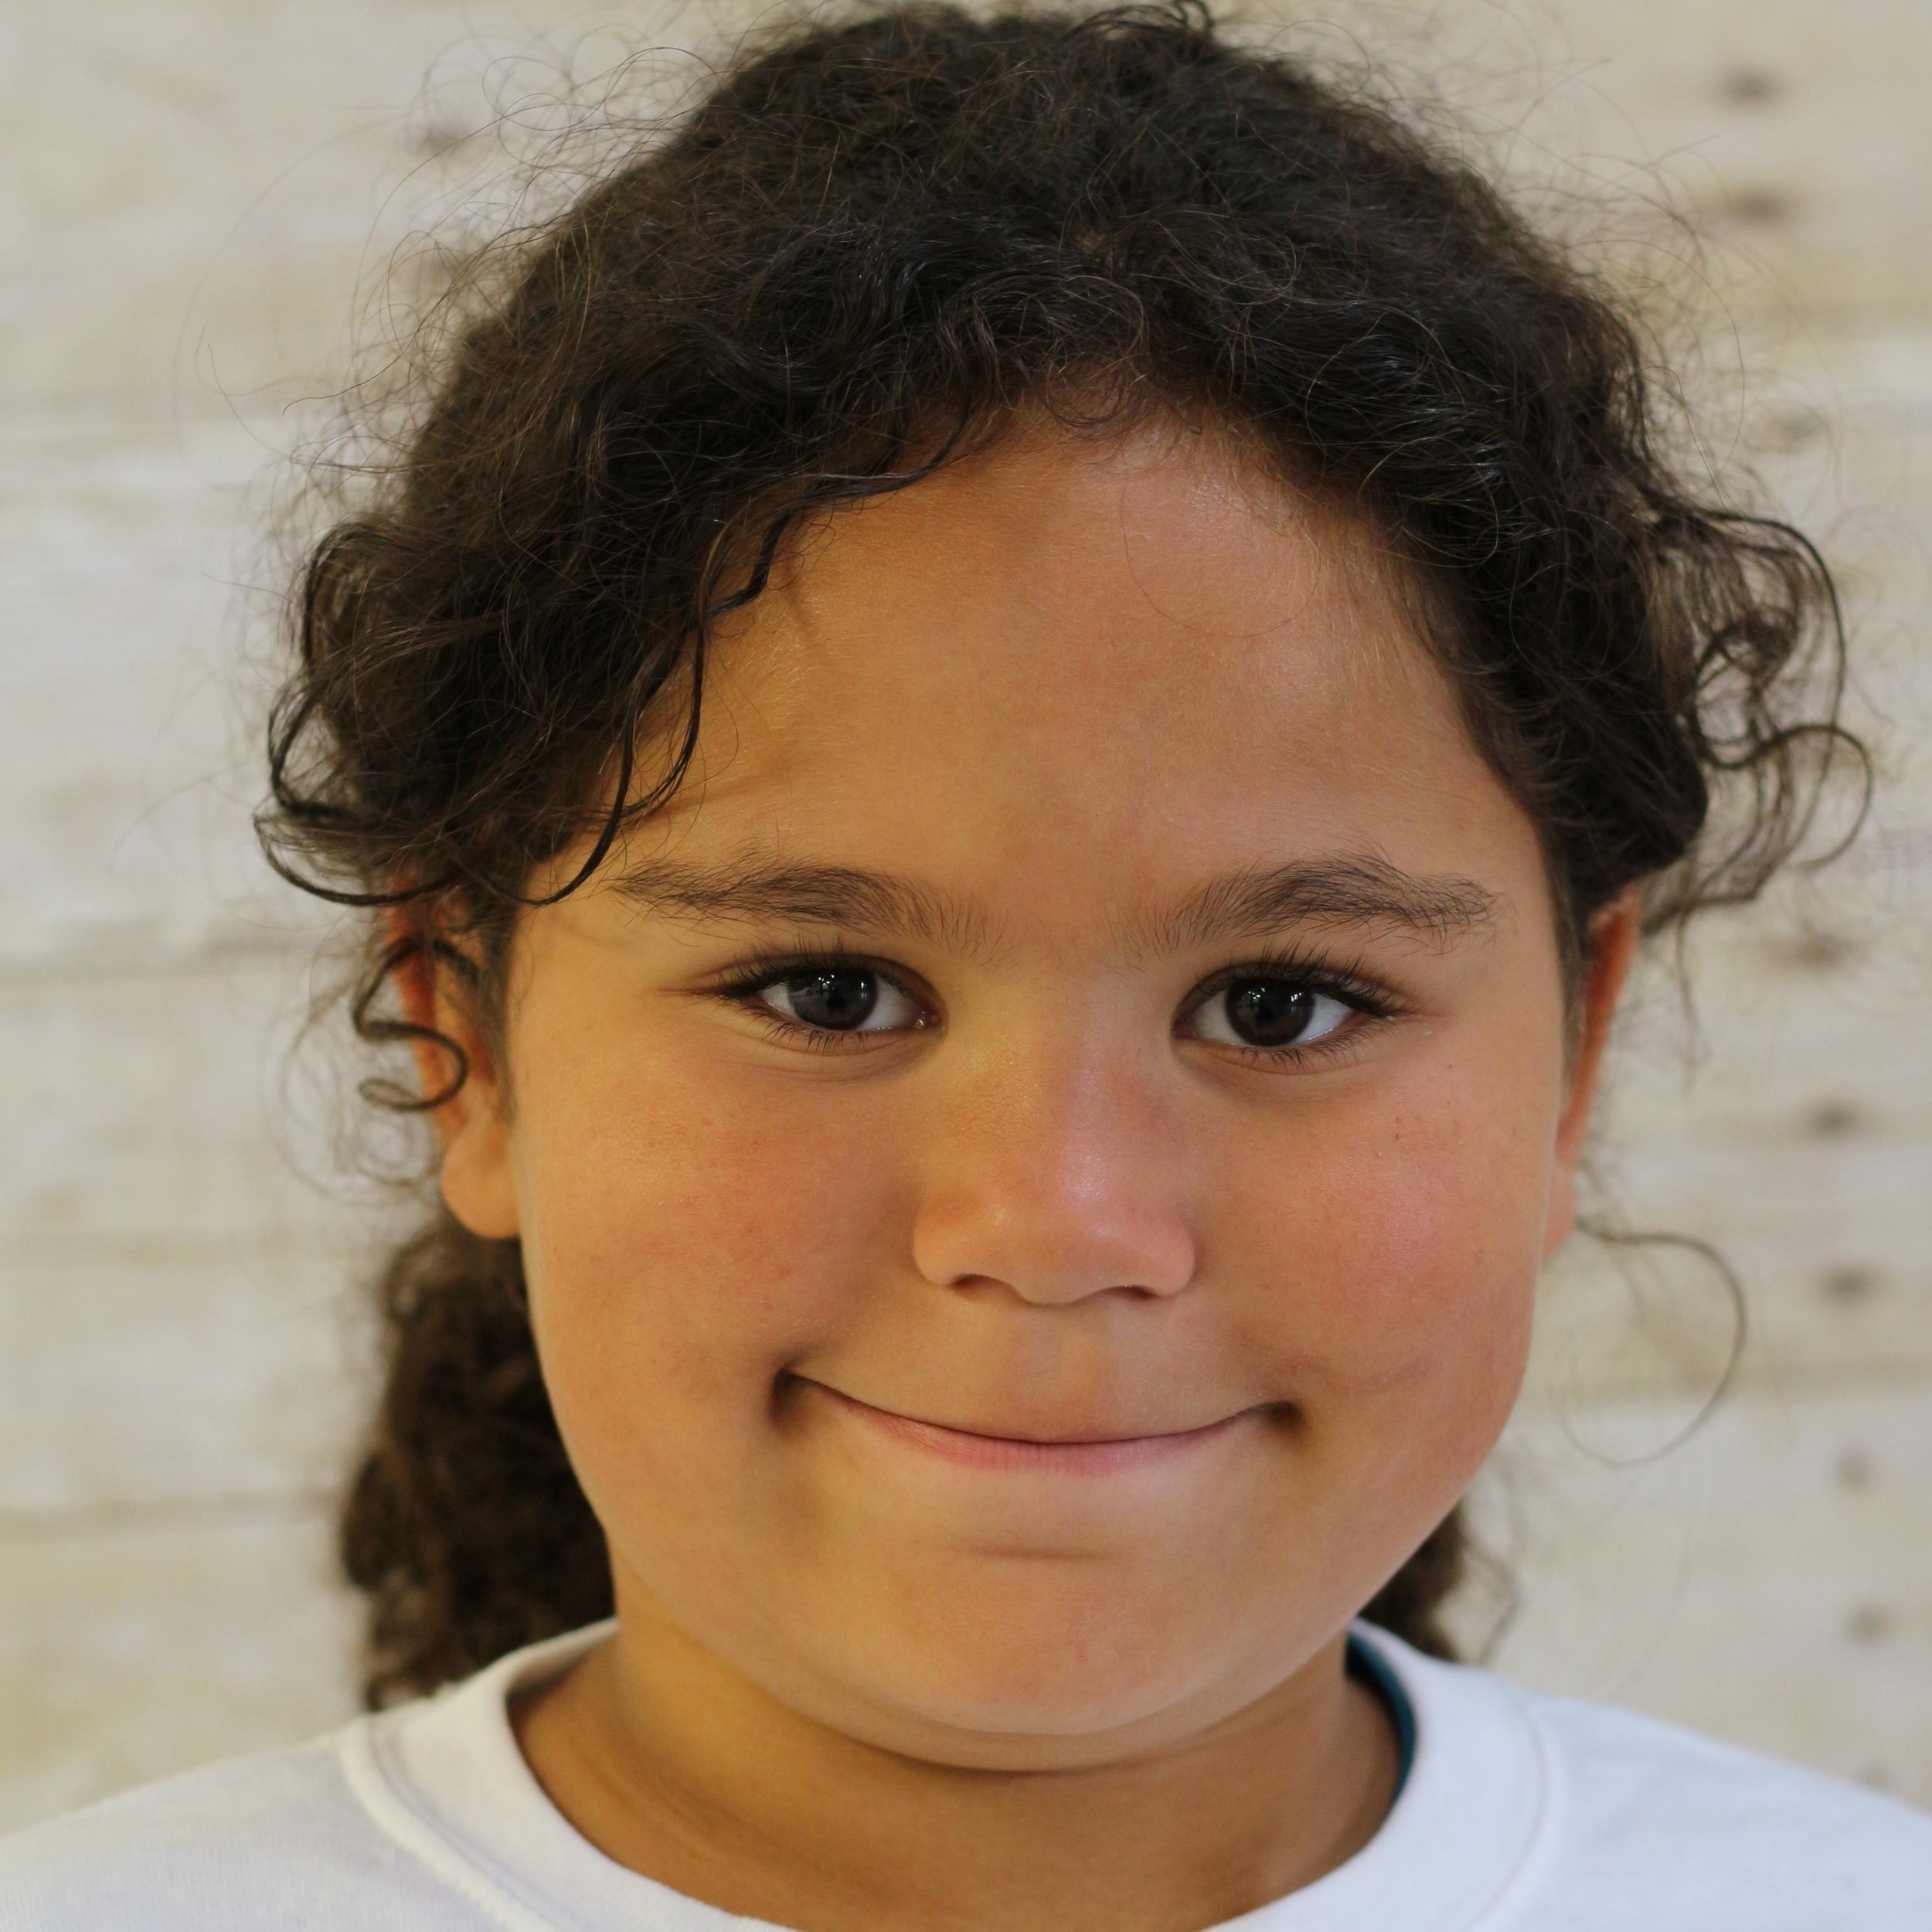 Jaliyah, age 7, Bayshore, NY